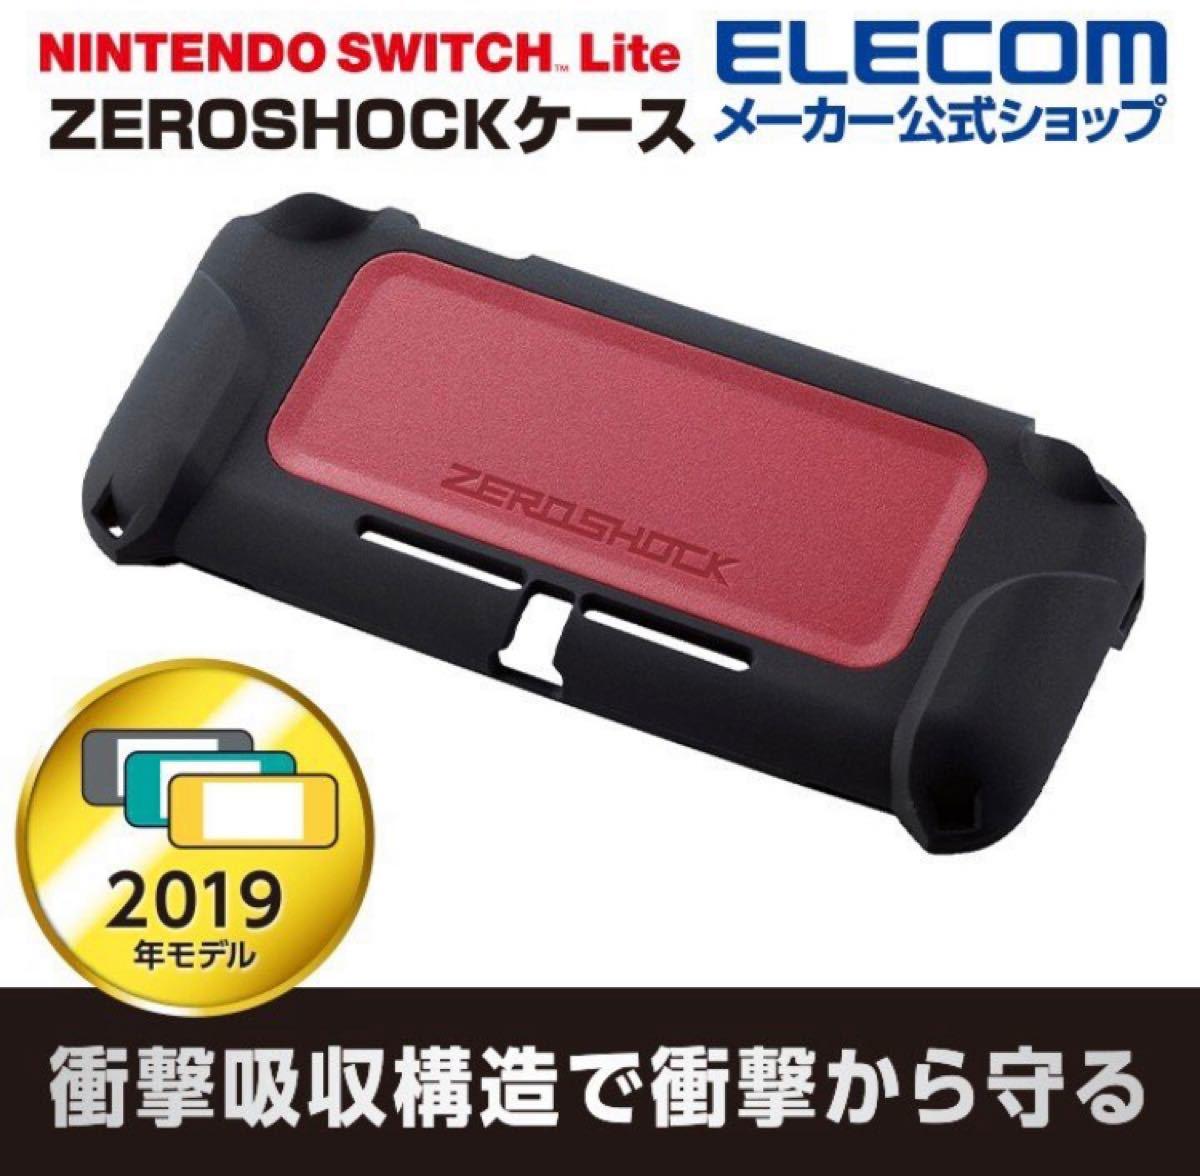 ケース  ニンテンドースイッチライト Nintendo Switch Lite